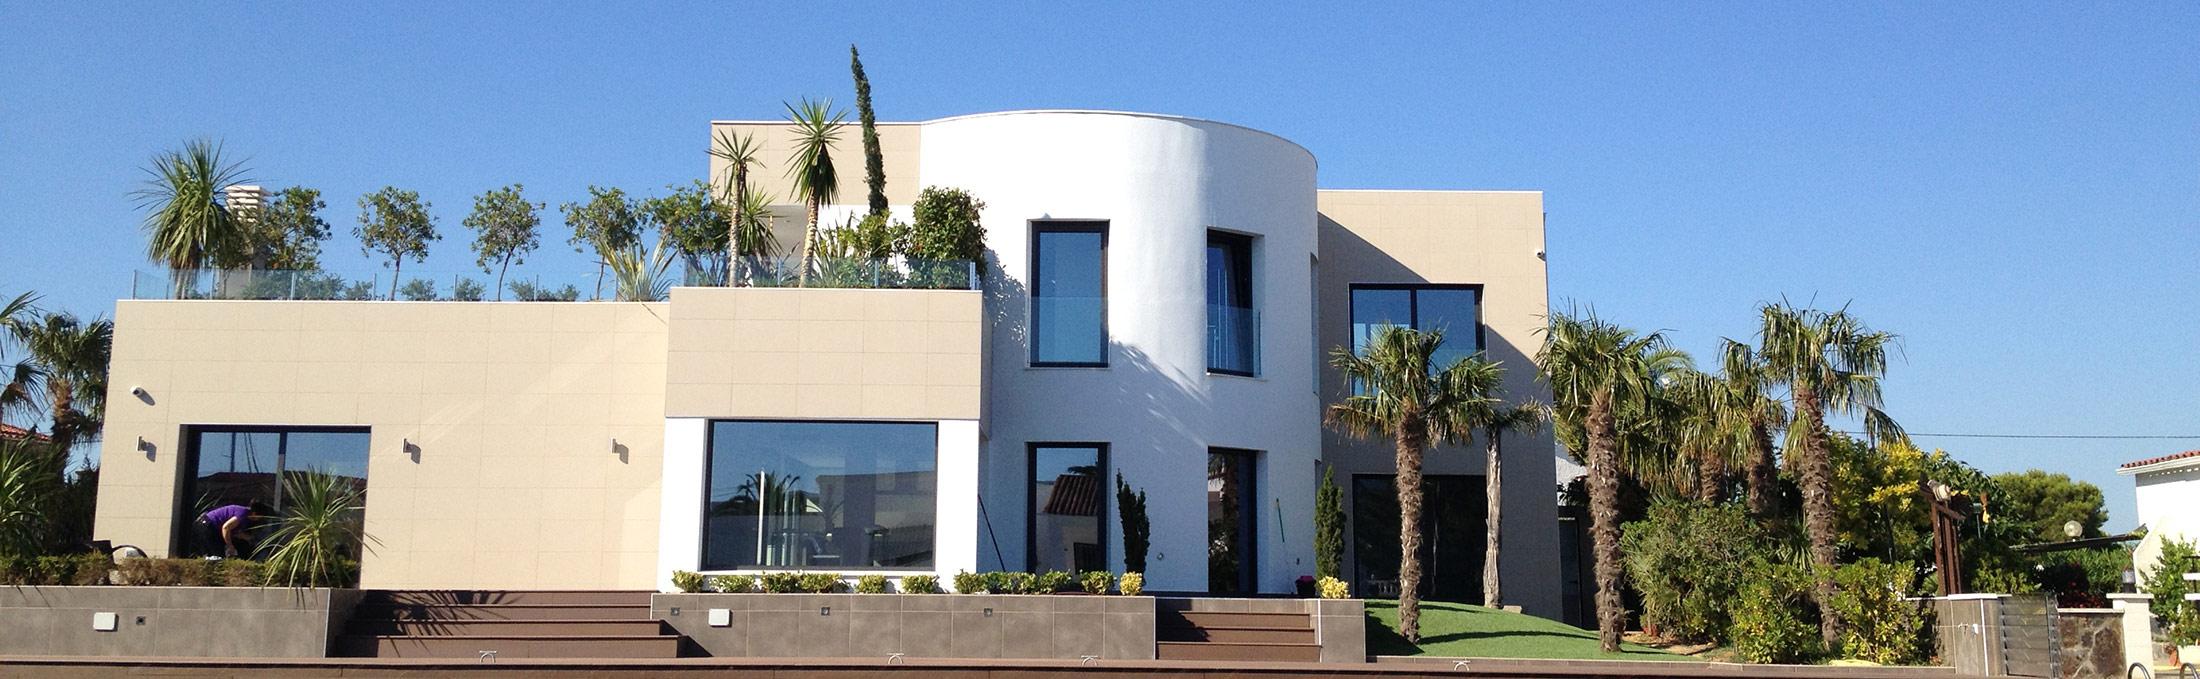 immobilier vente de maisons villas appartements. Black Bedroom Furniture Sets. Home Design Ideas